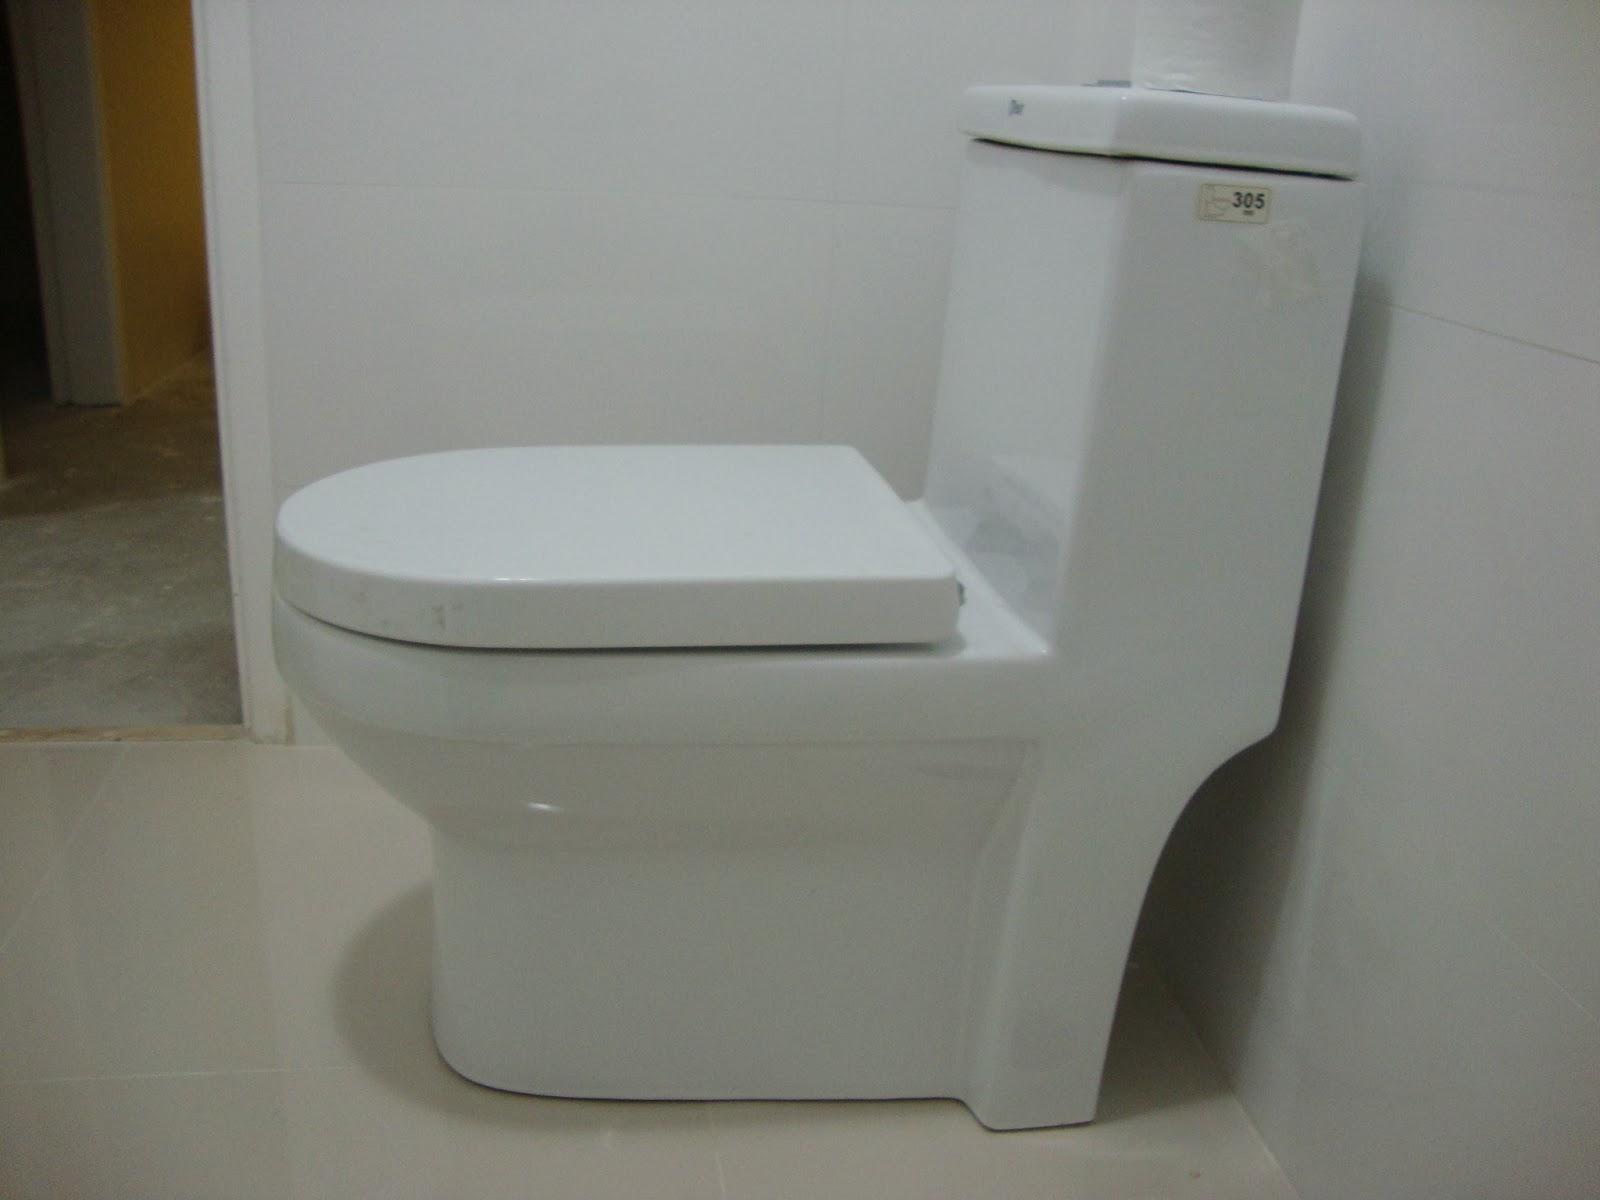 Banheiro Com Pastilha Atras Do Vaso Sanitario  rinkratmagcom banheiros deco -> Banheiros Decorados Com Pastilhas Atras Do Vaso